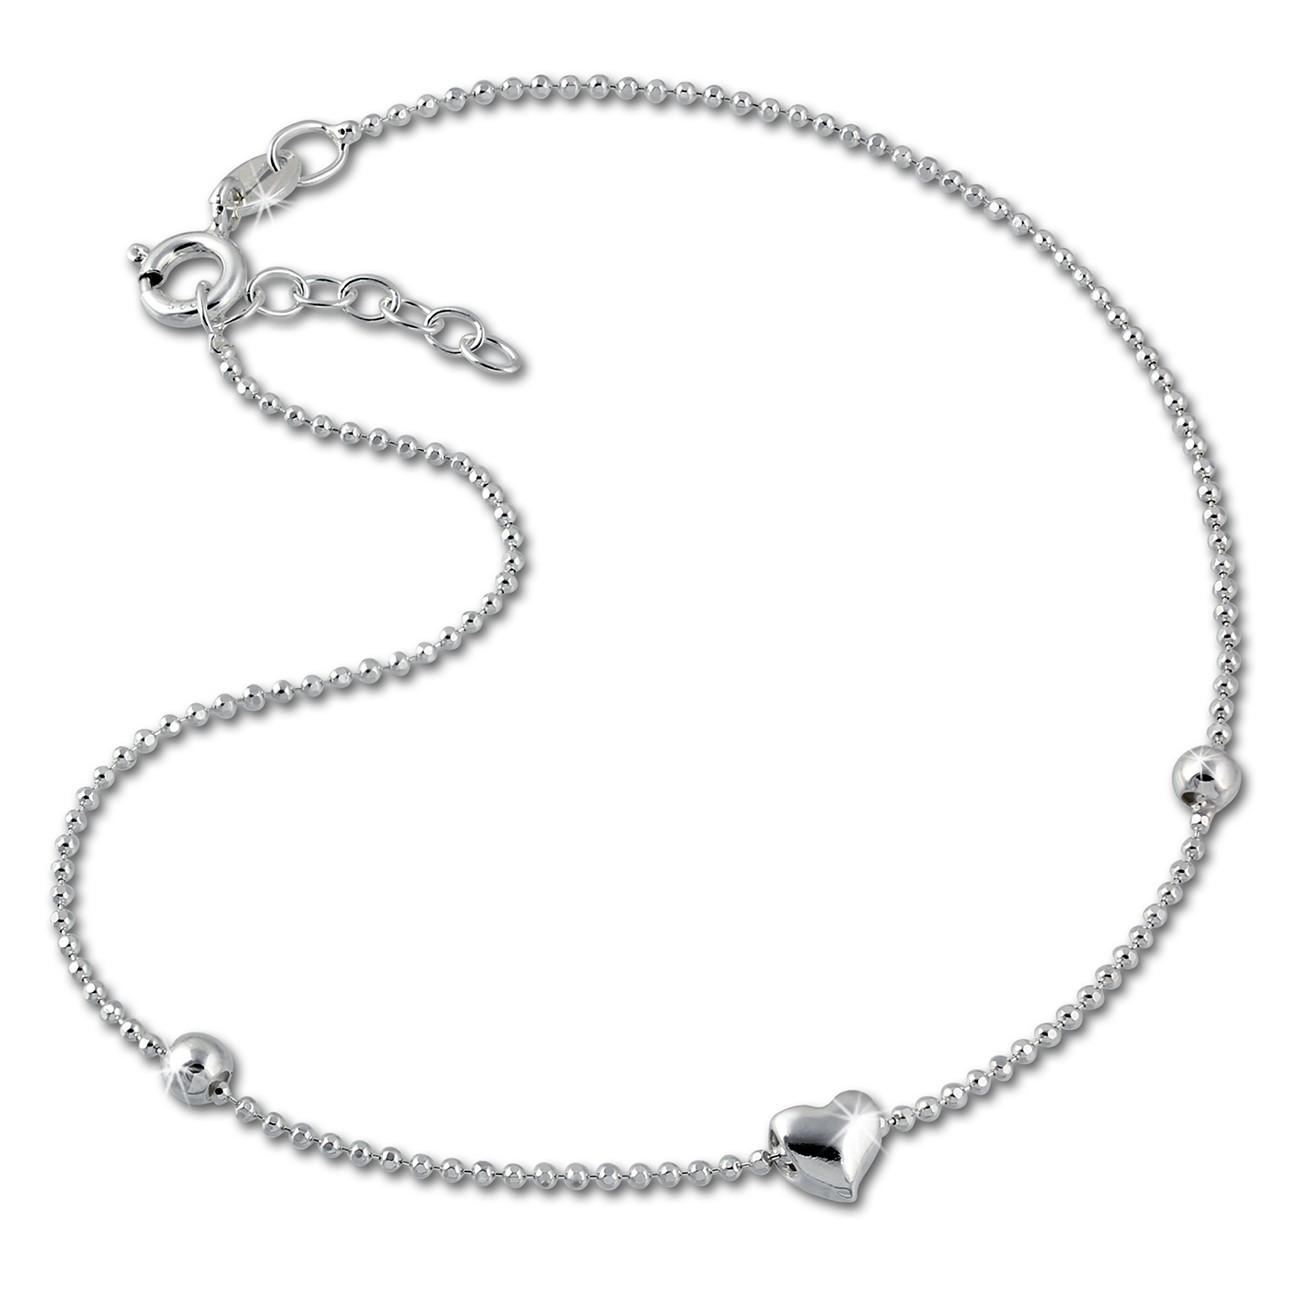 SilberDream Fußkette Herzchen 25cm 925 Sterling Silber SDF2045